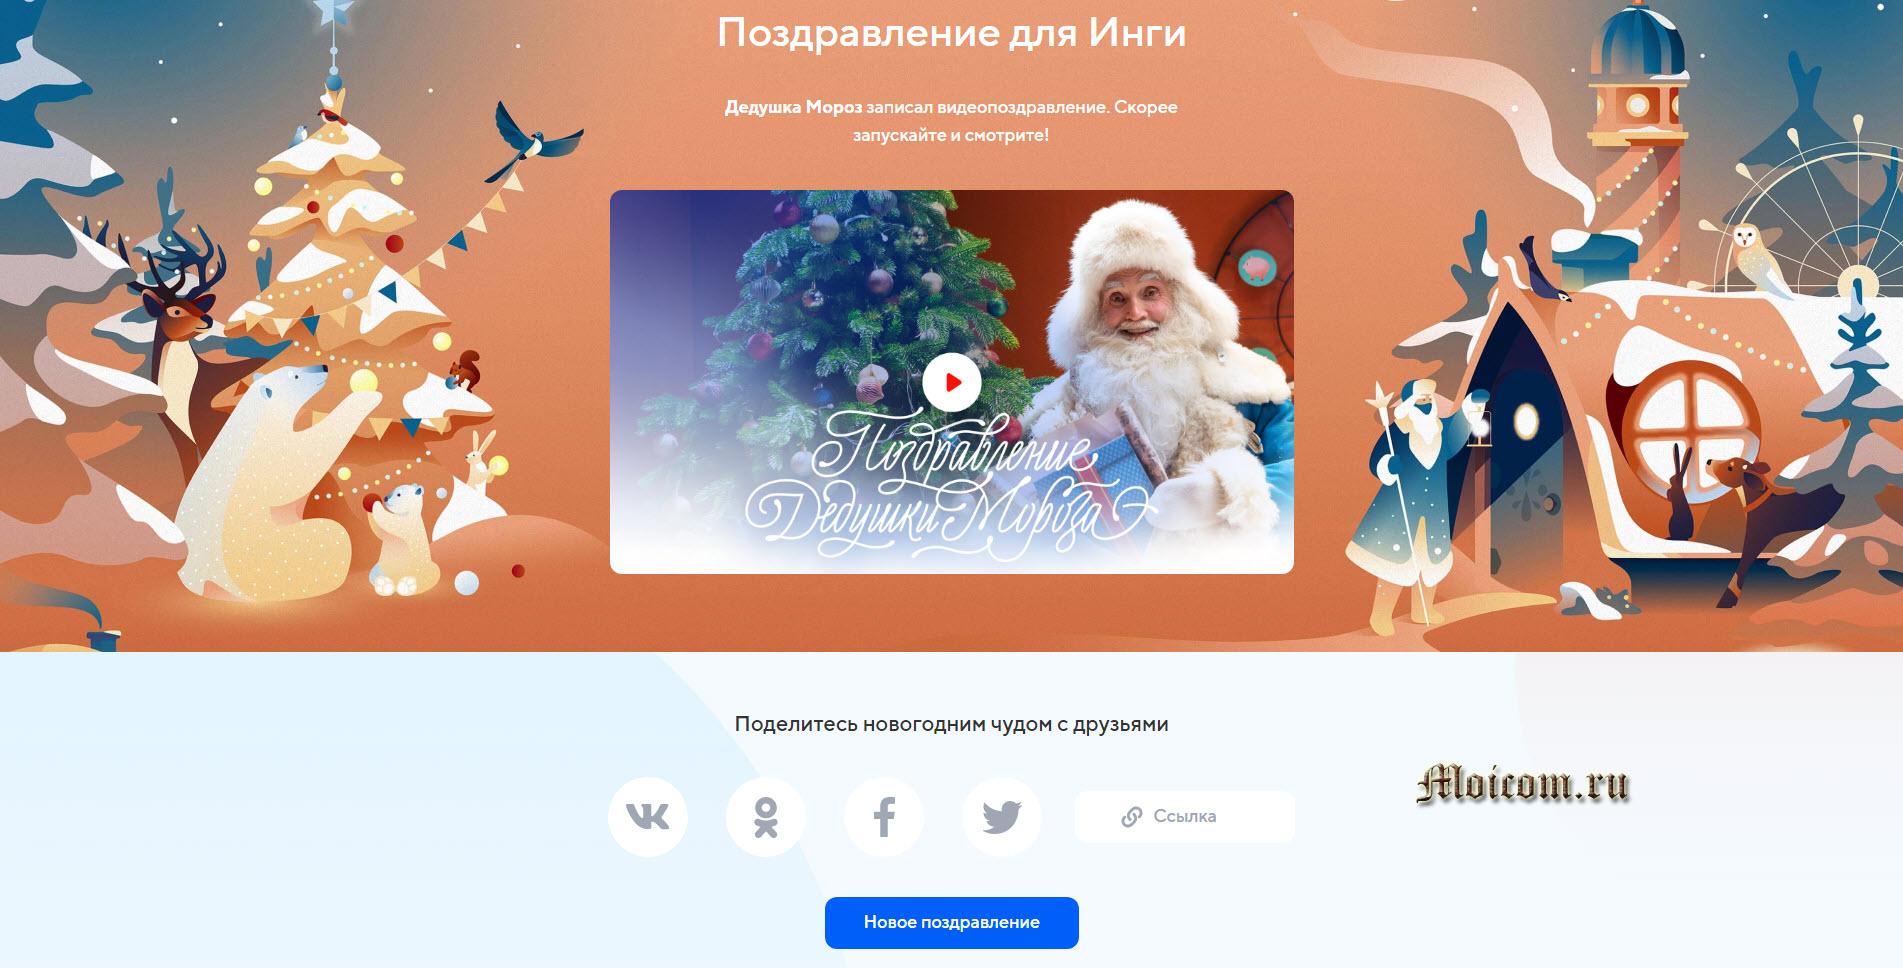 Newyear.mail.ru 2021 - новогодние видео поздравления, дед мороз поздравляет Ингу